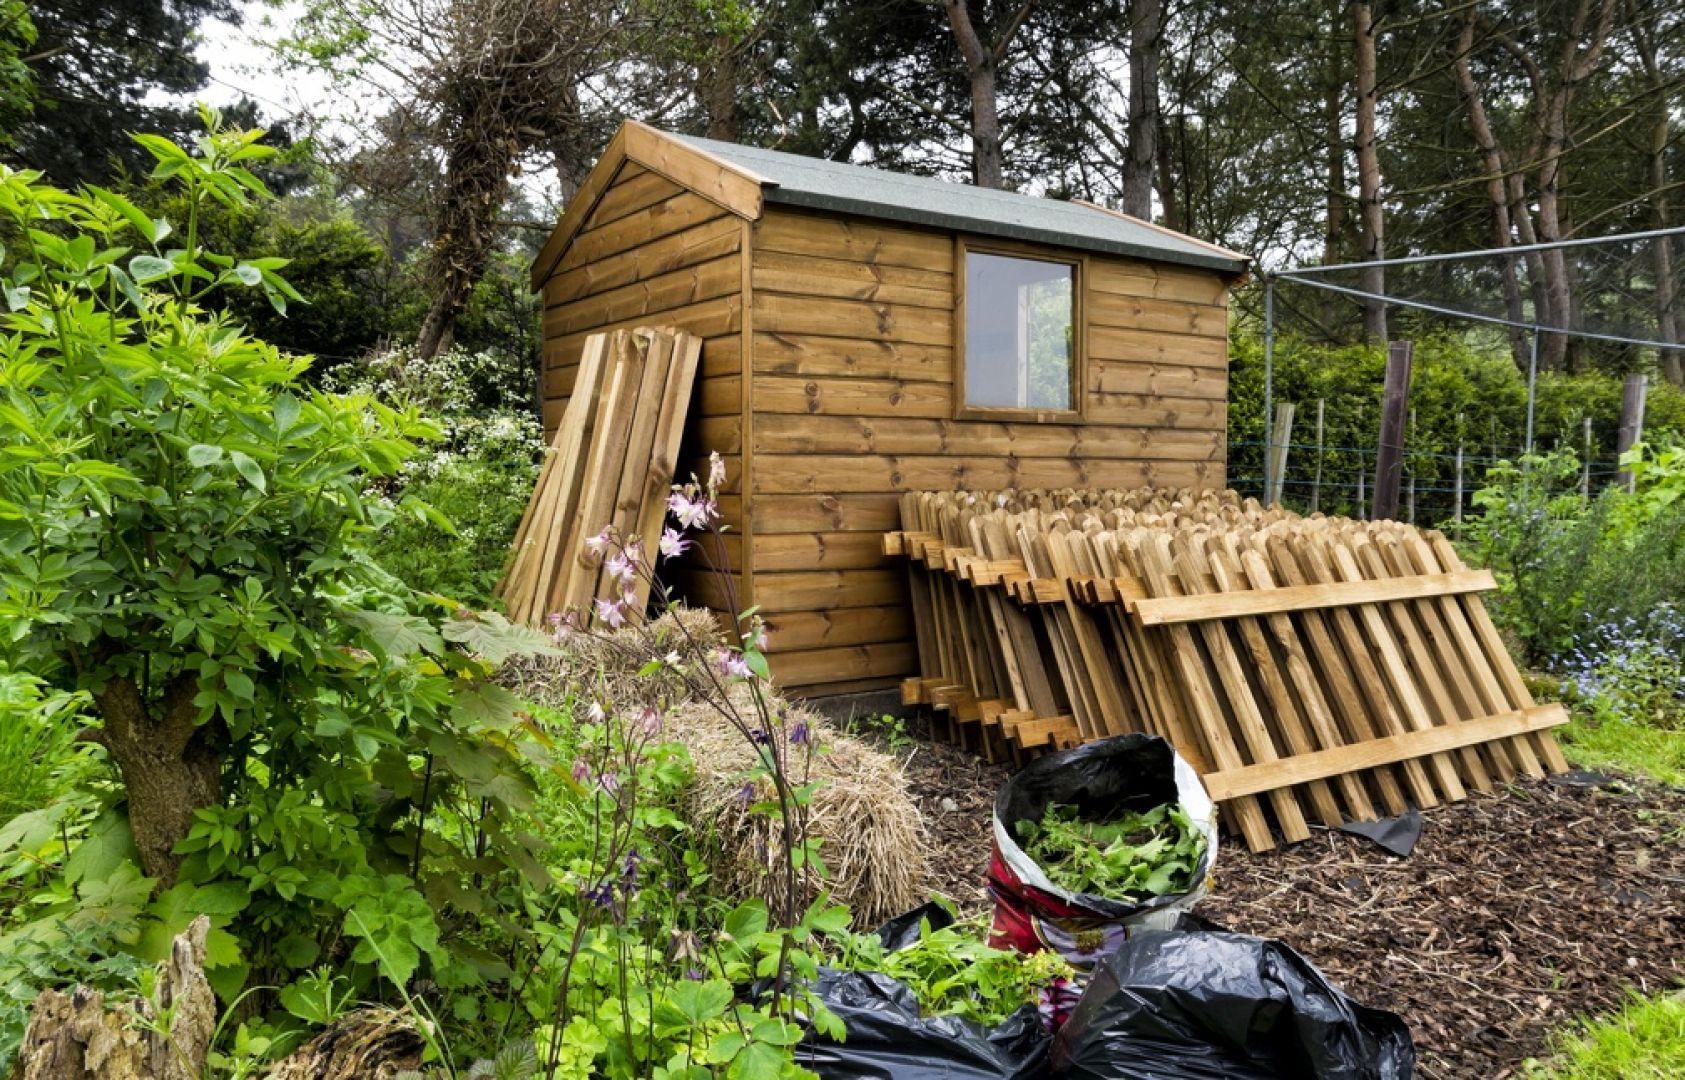 Domki i samochodowe wiaty z drewna, czyli carporty, bez trudu wpisują się w otoczenie nowoczesnego, minimalistycznego domu. Fot. JAF Polska